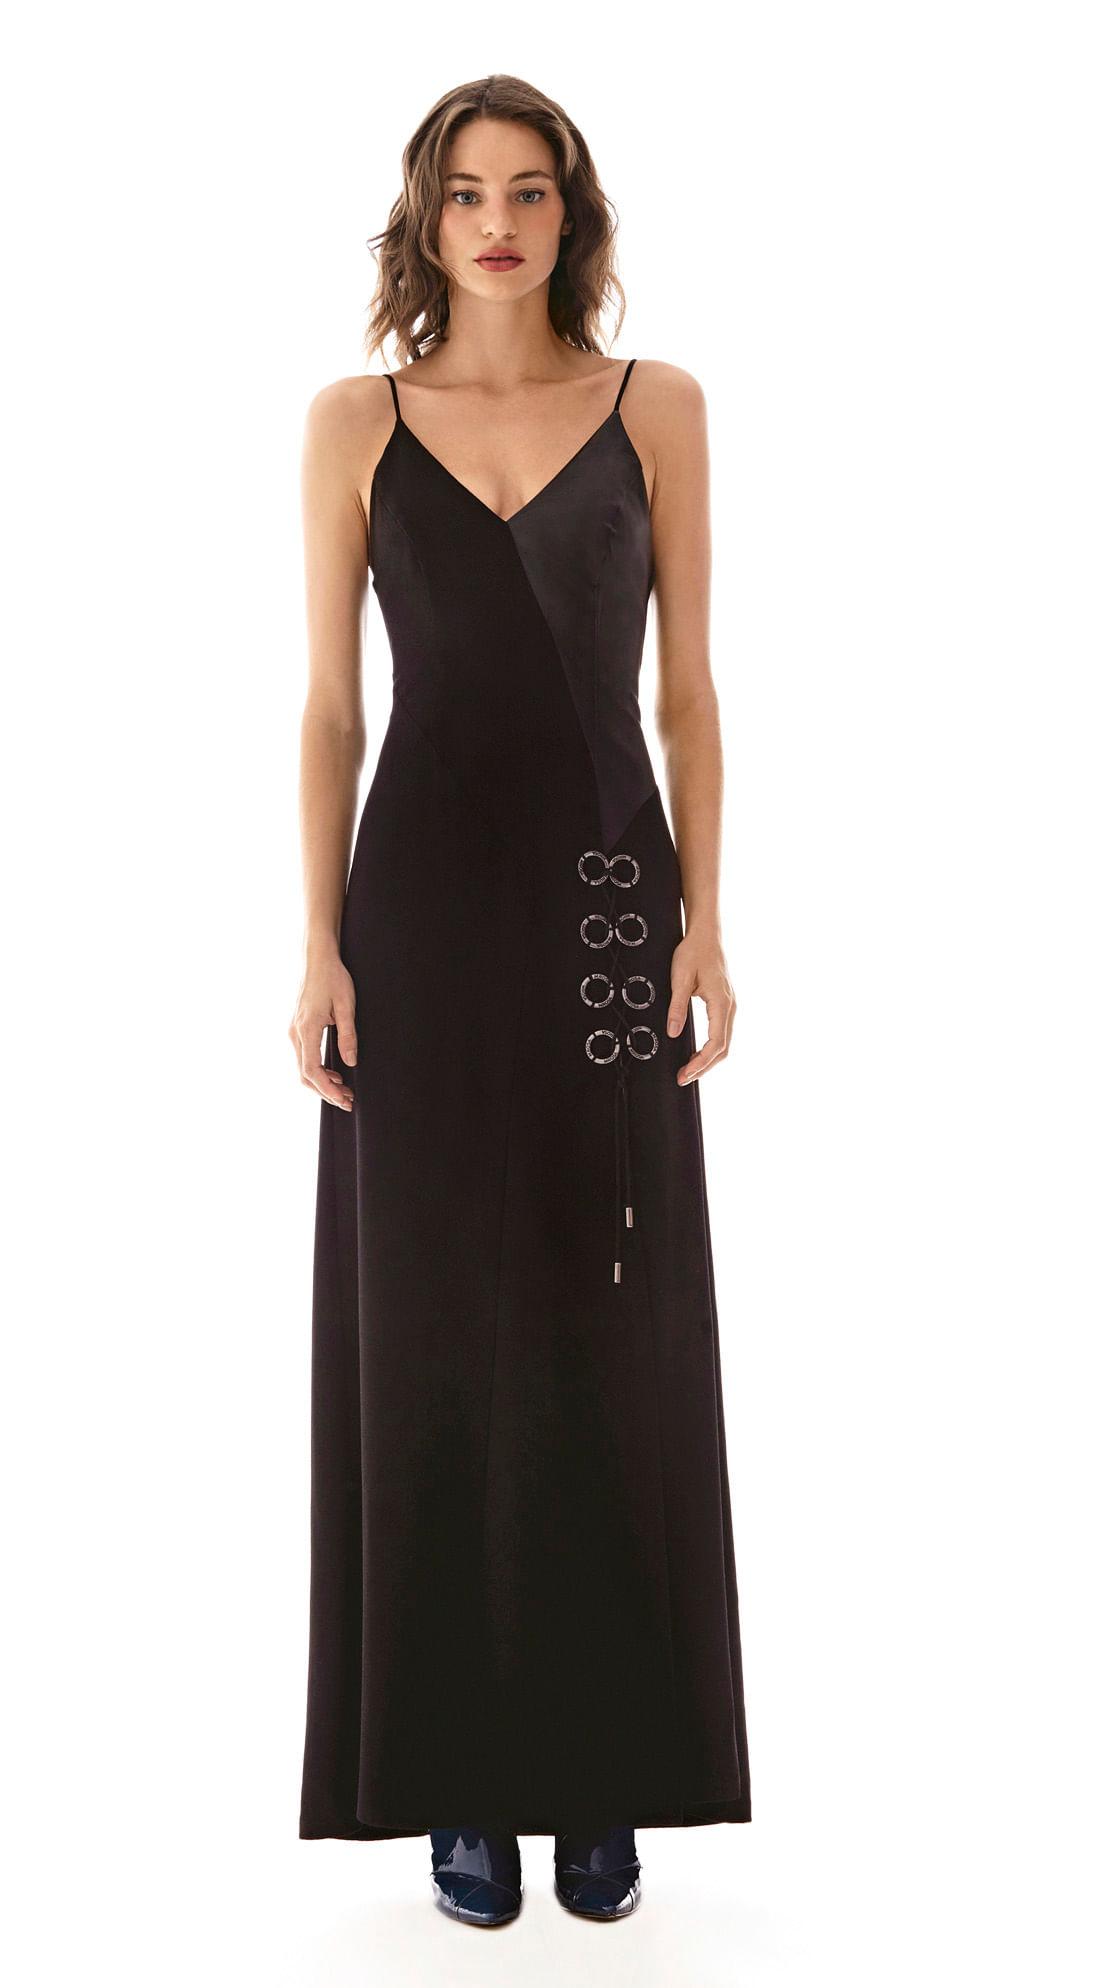 b59fe25db Vestido Longo Decote V Compose De Tecidos Preto - morenarosa